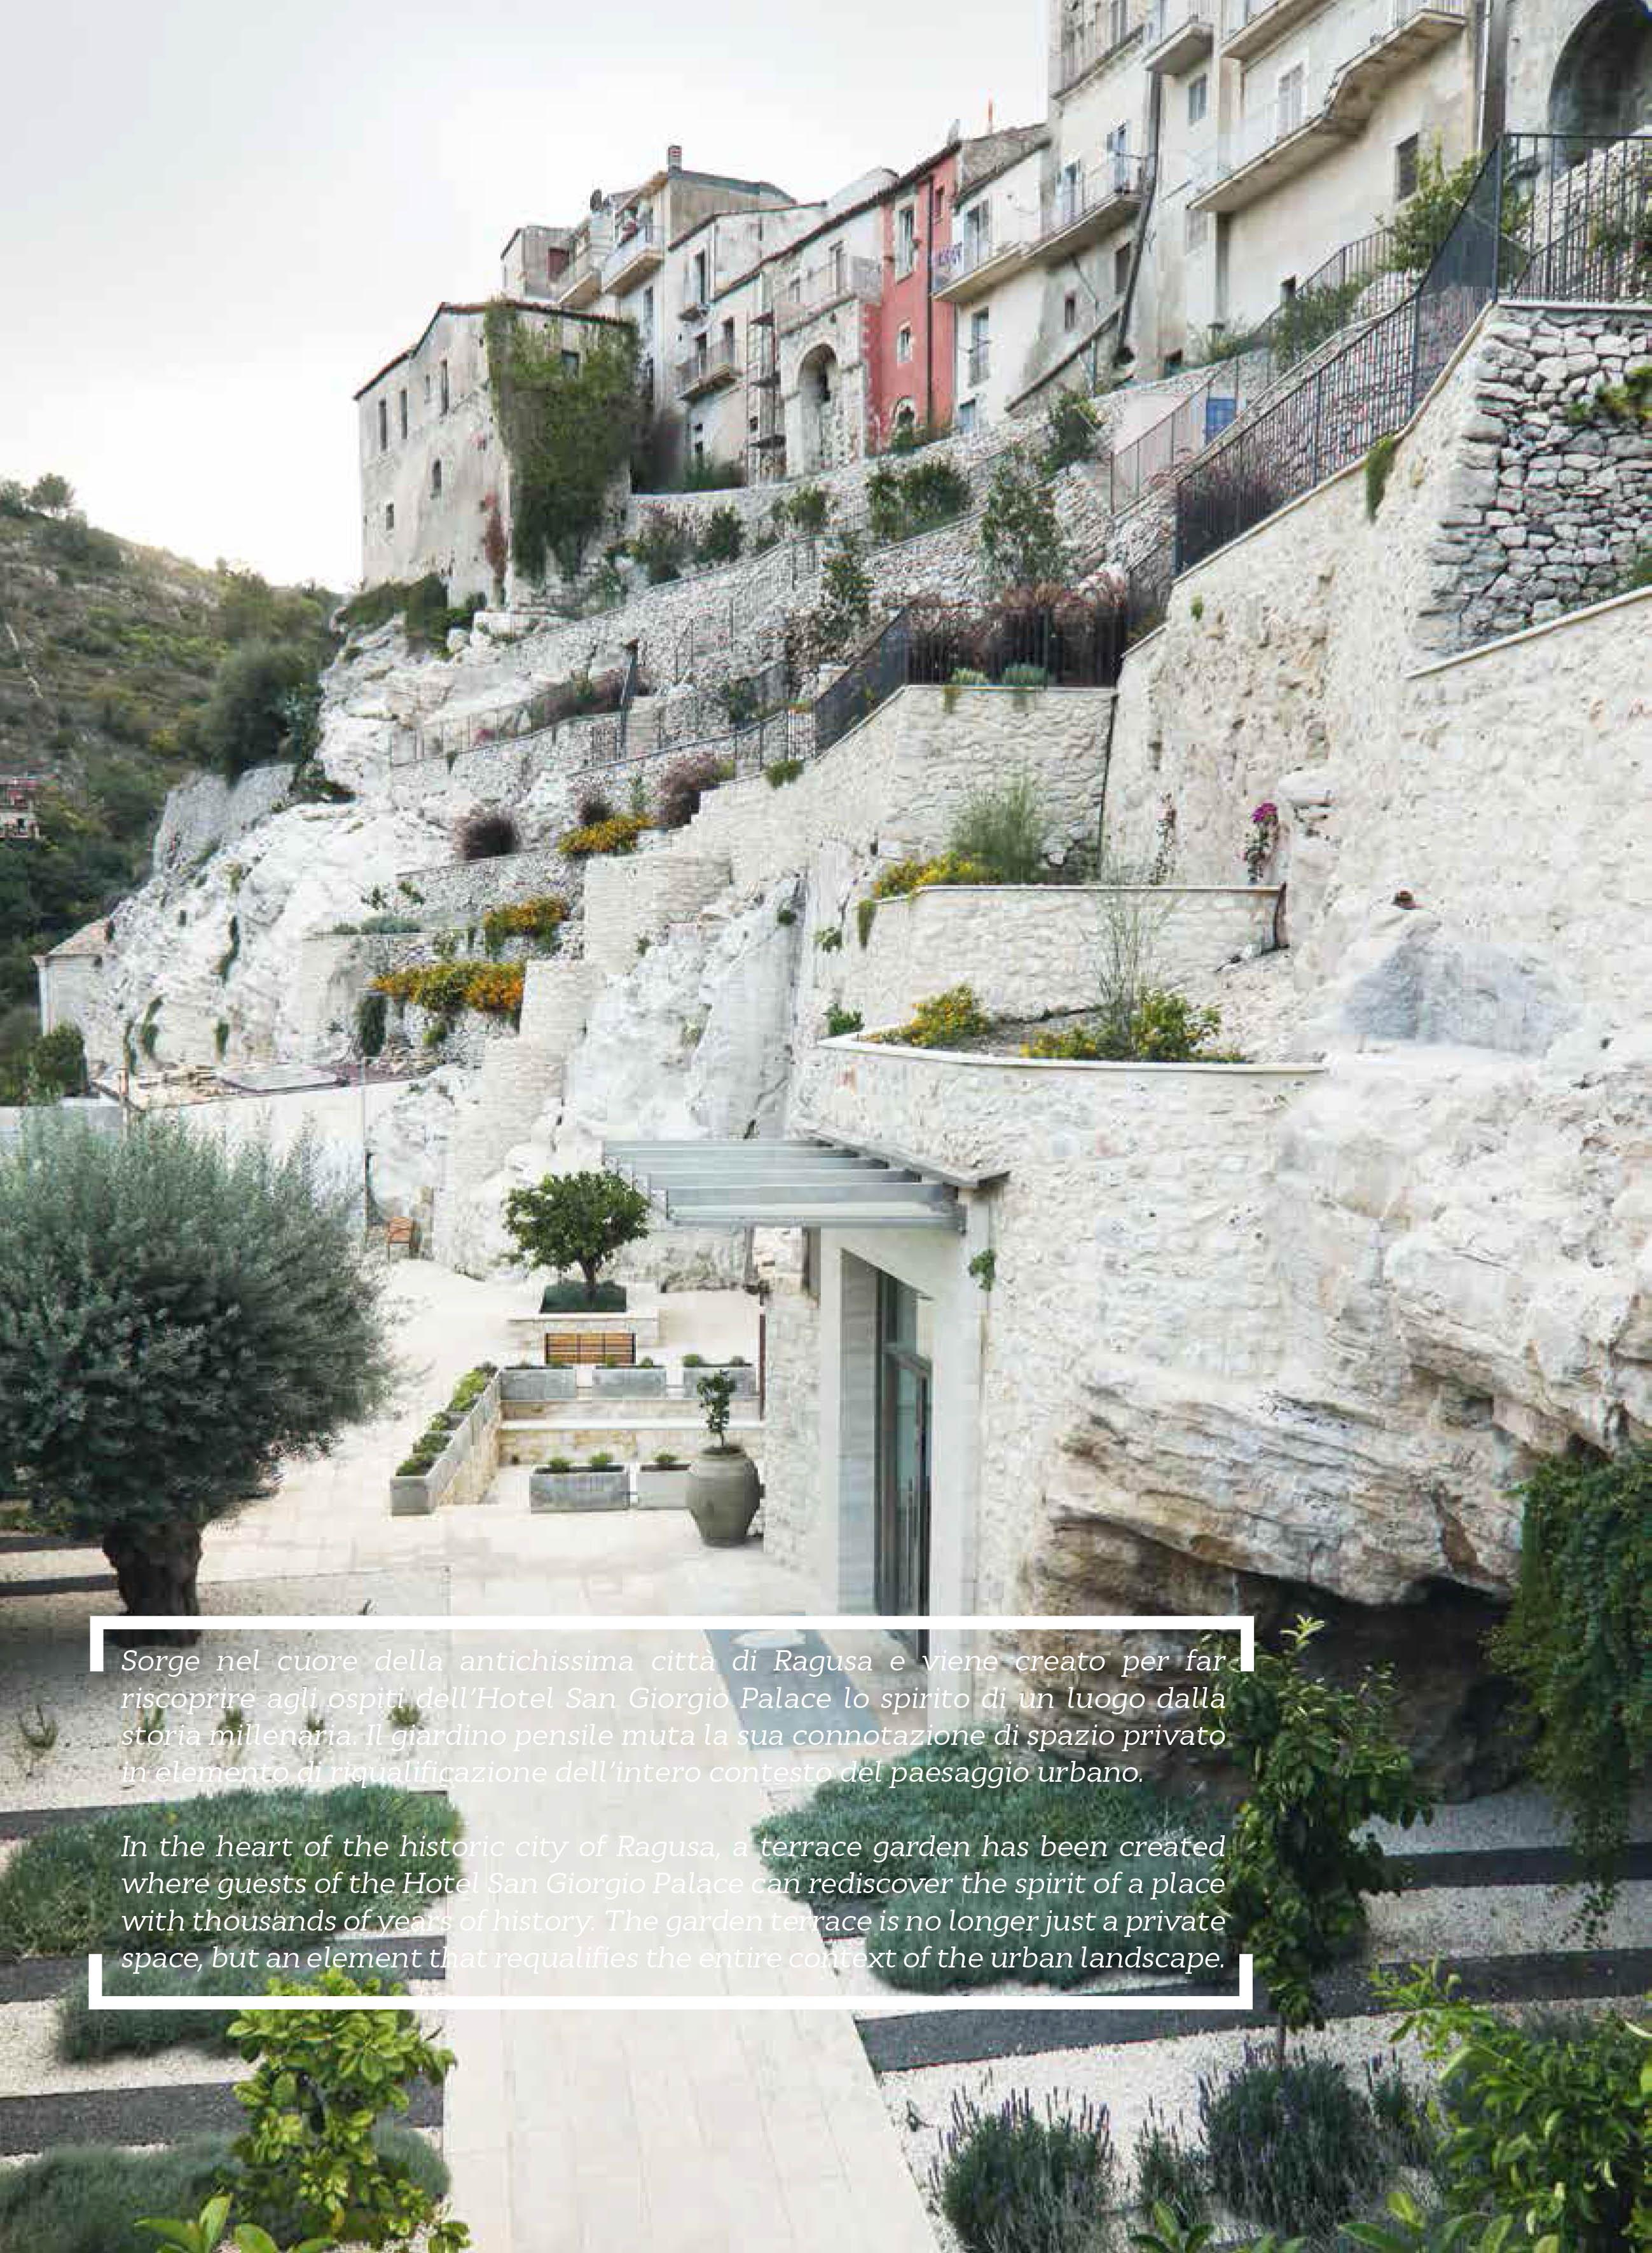 Architettura Del Verde architettura del paesaggio 33, giardini per la città